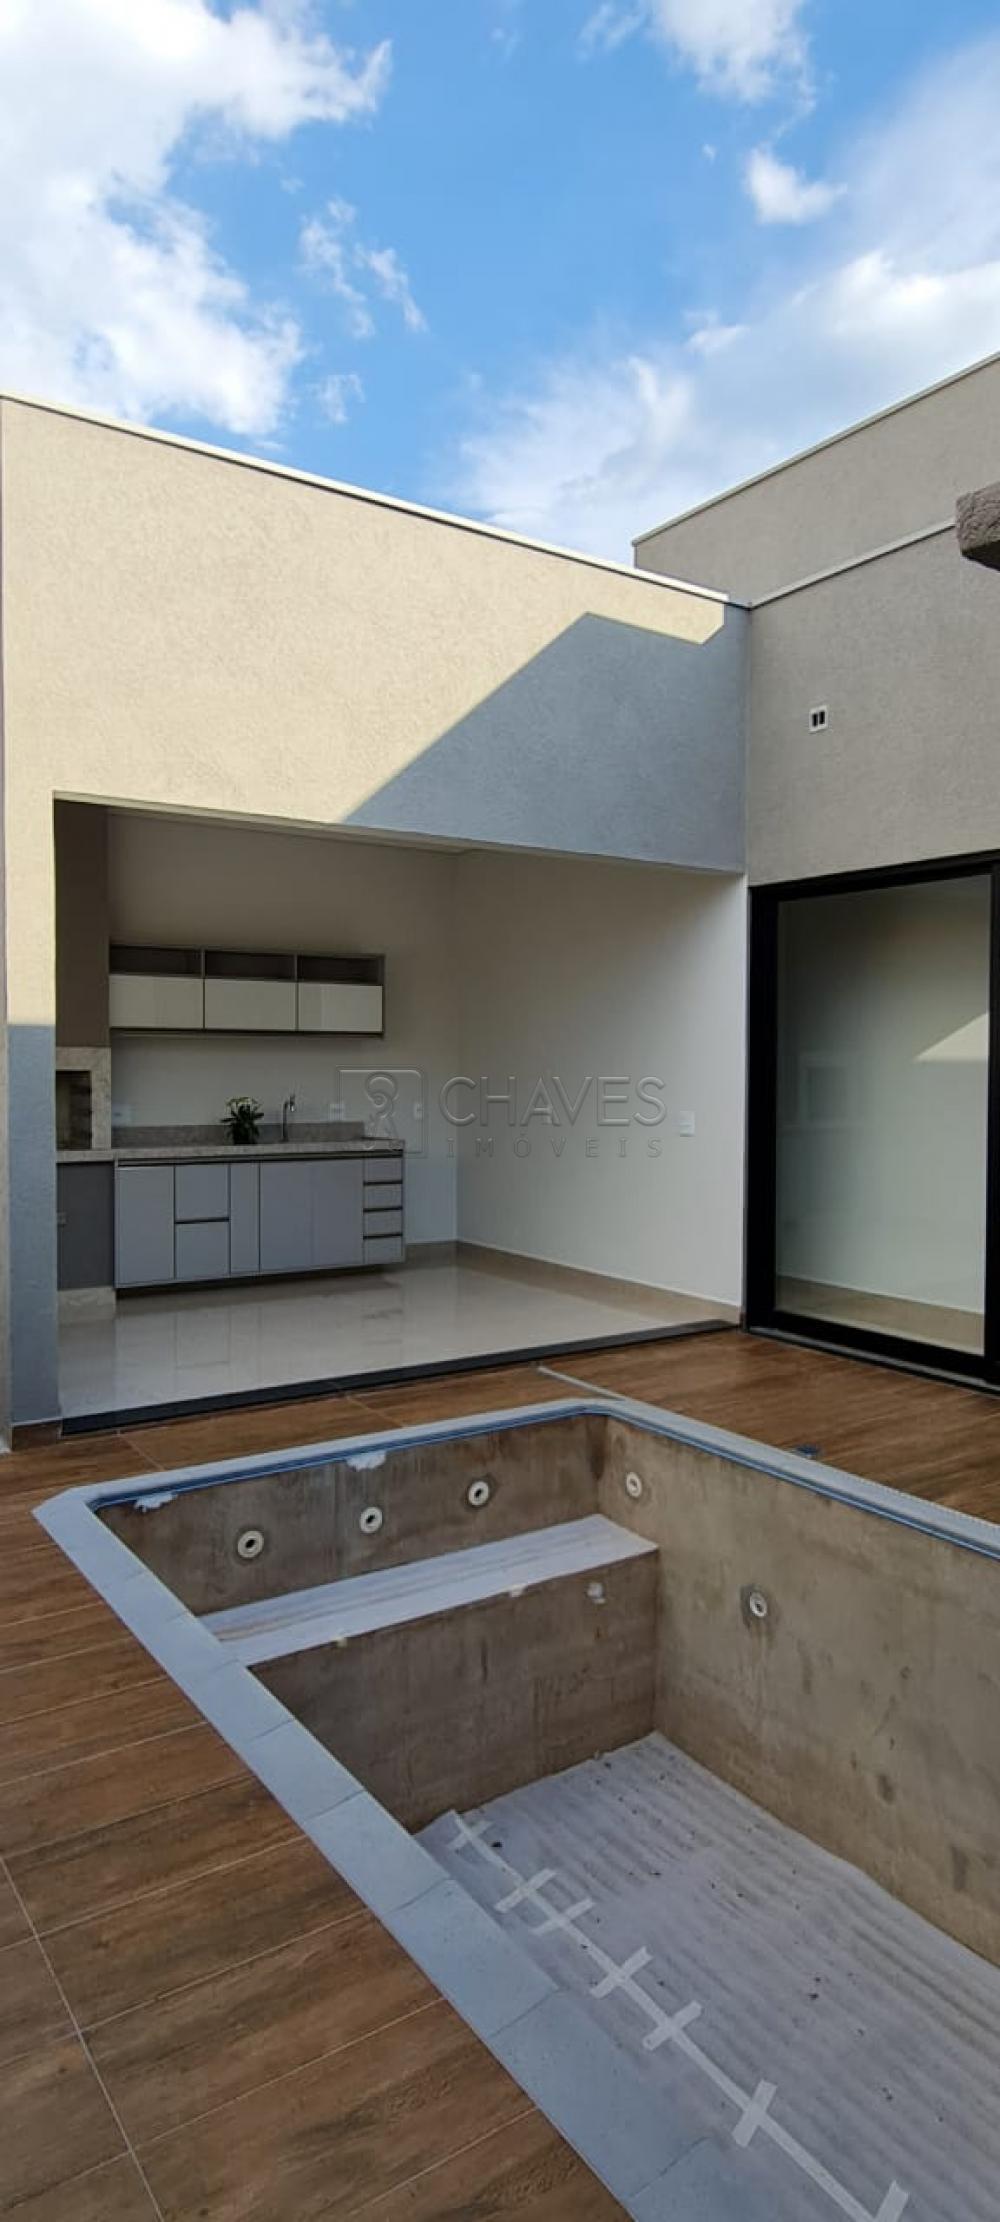 Comprar Casa / Condomínio em Ribeirão Preto apenas R$ 1.050.000,00 - Foto 4